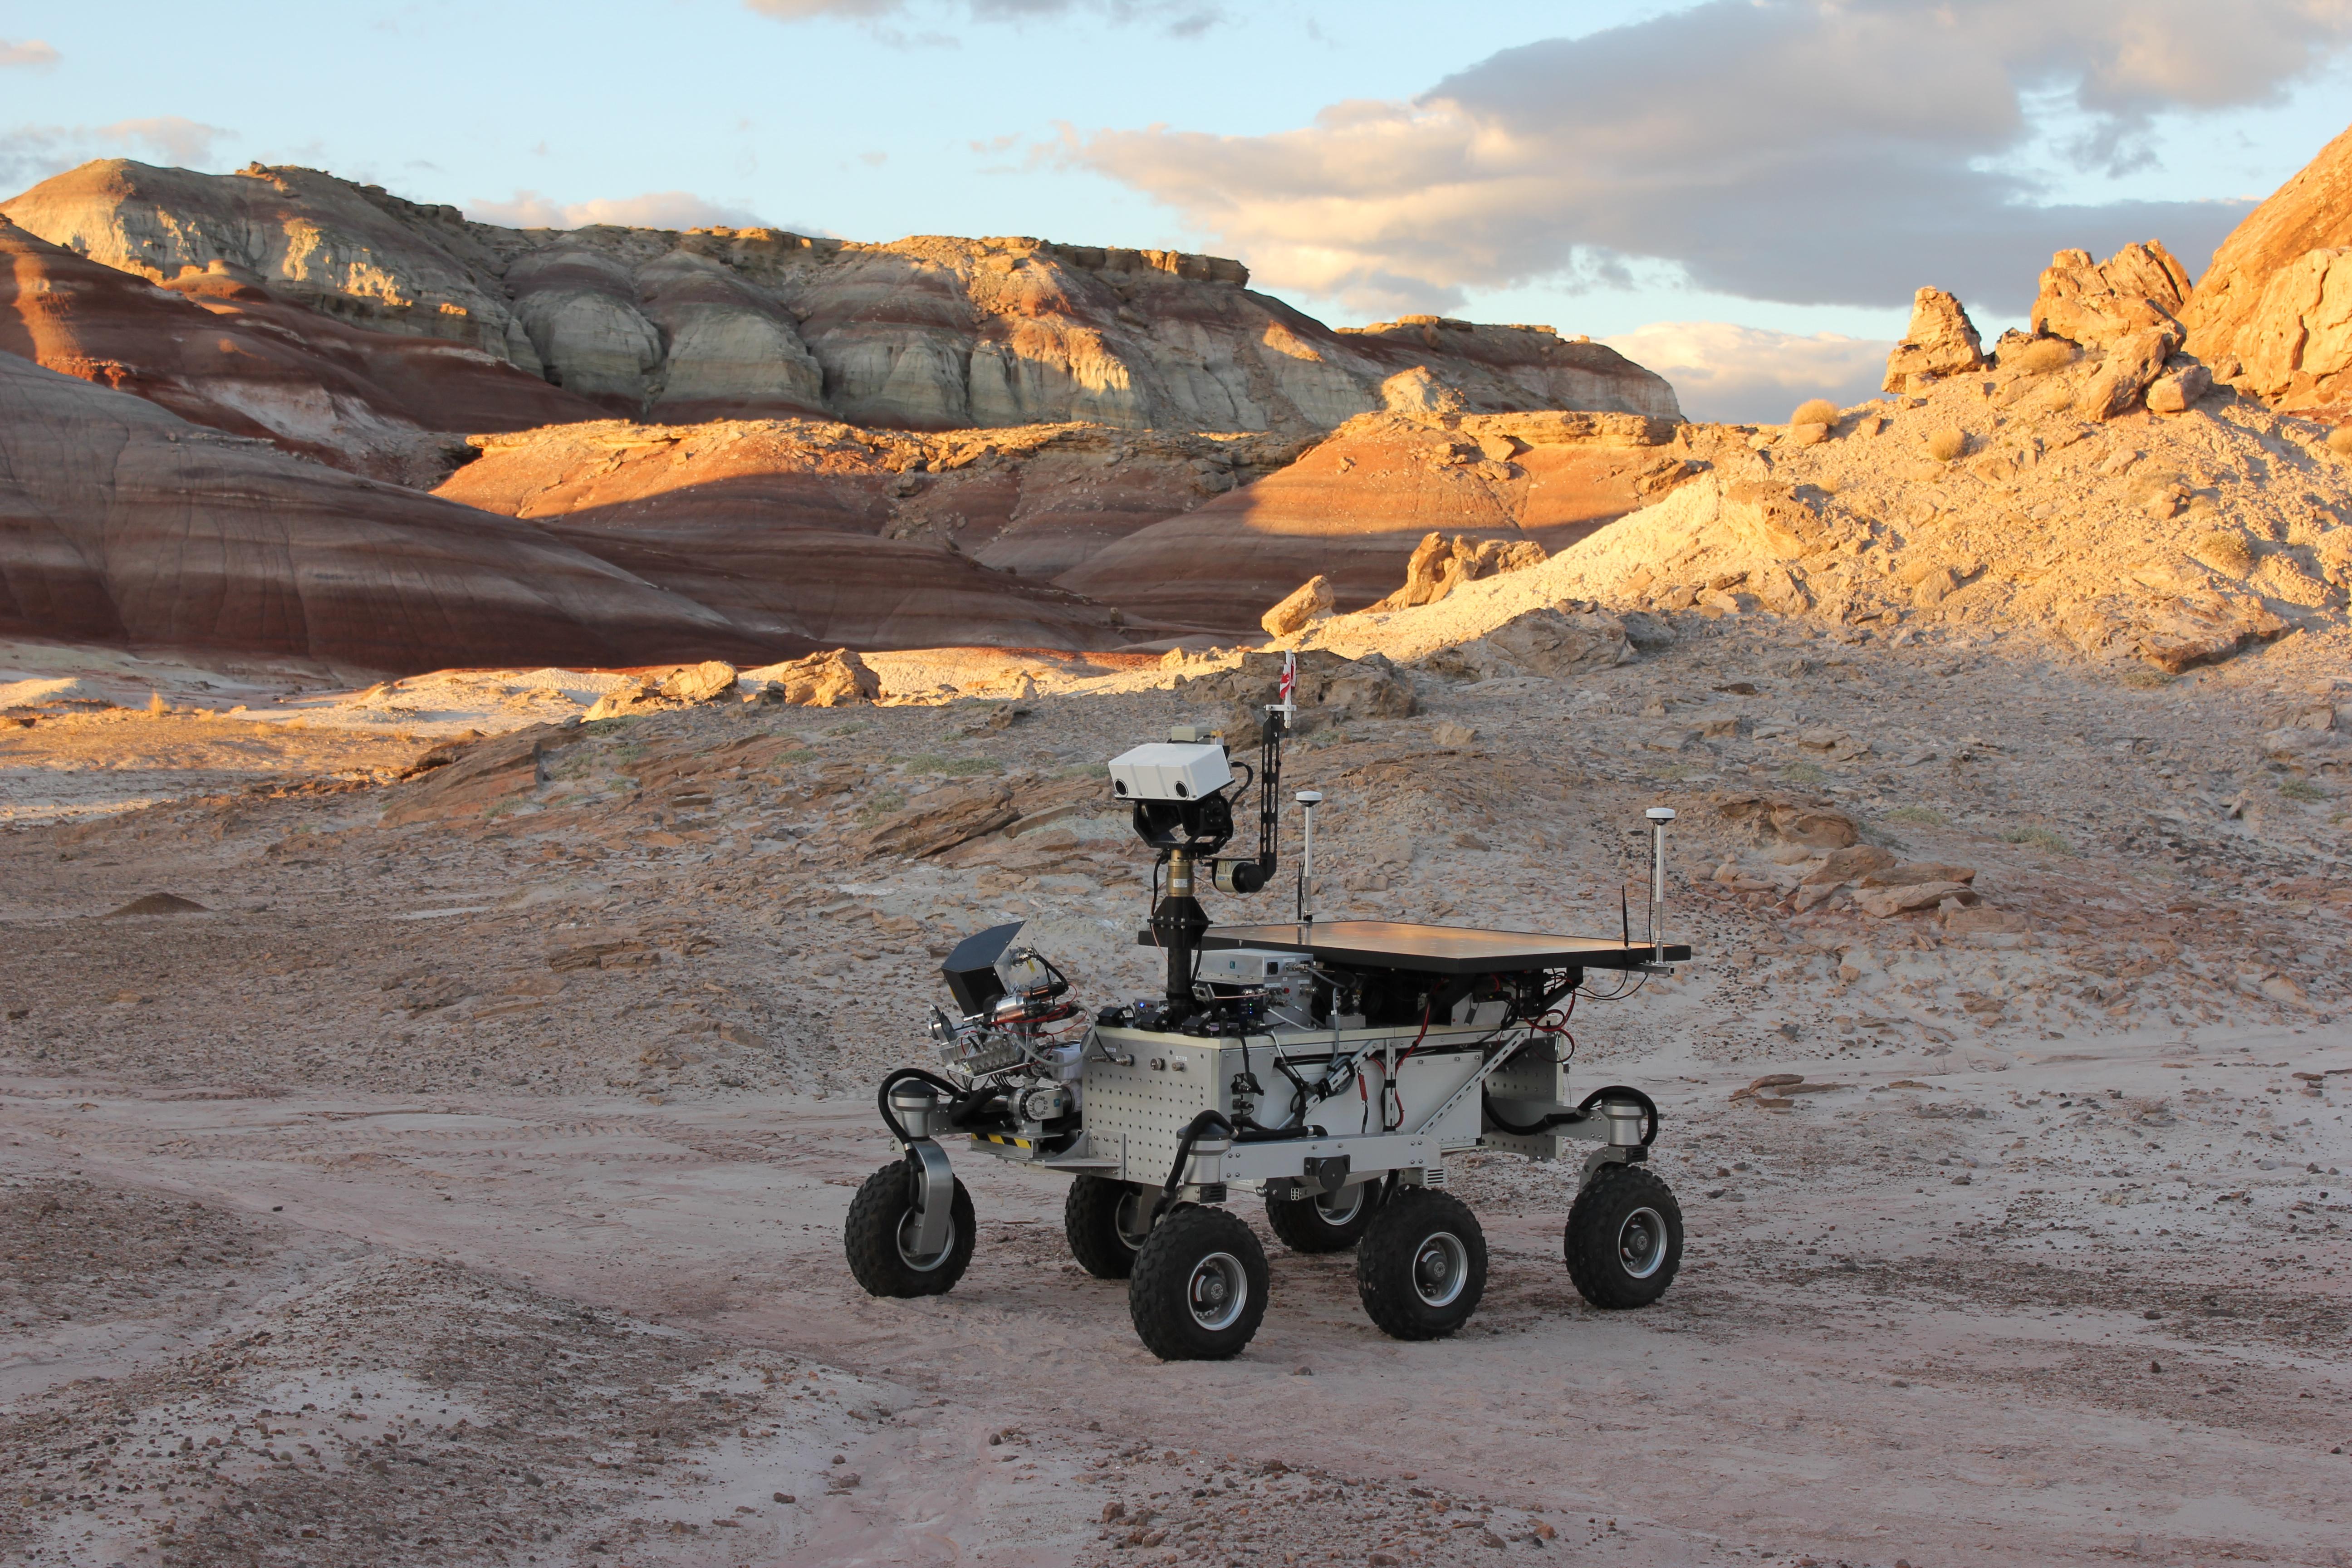 rover 75 mars - photo #12